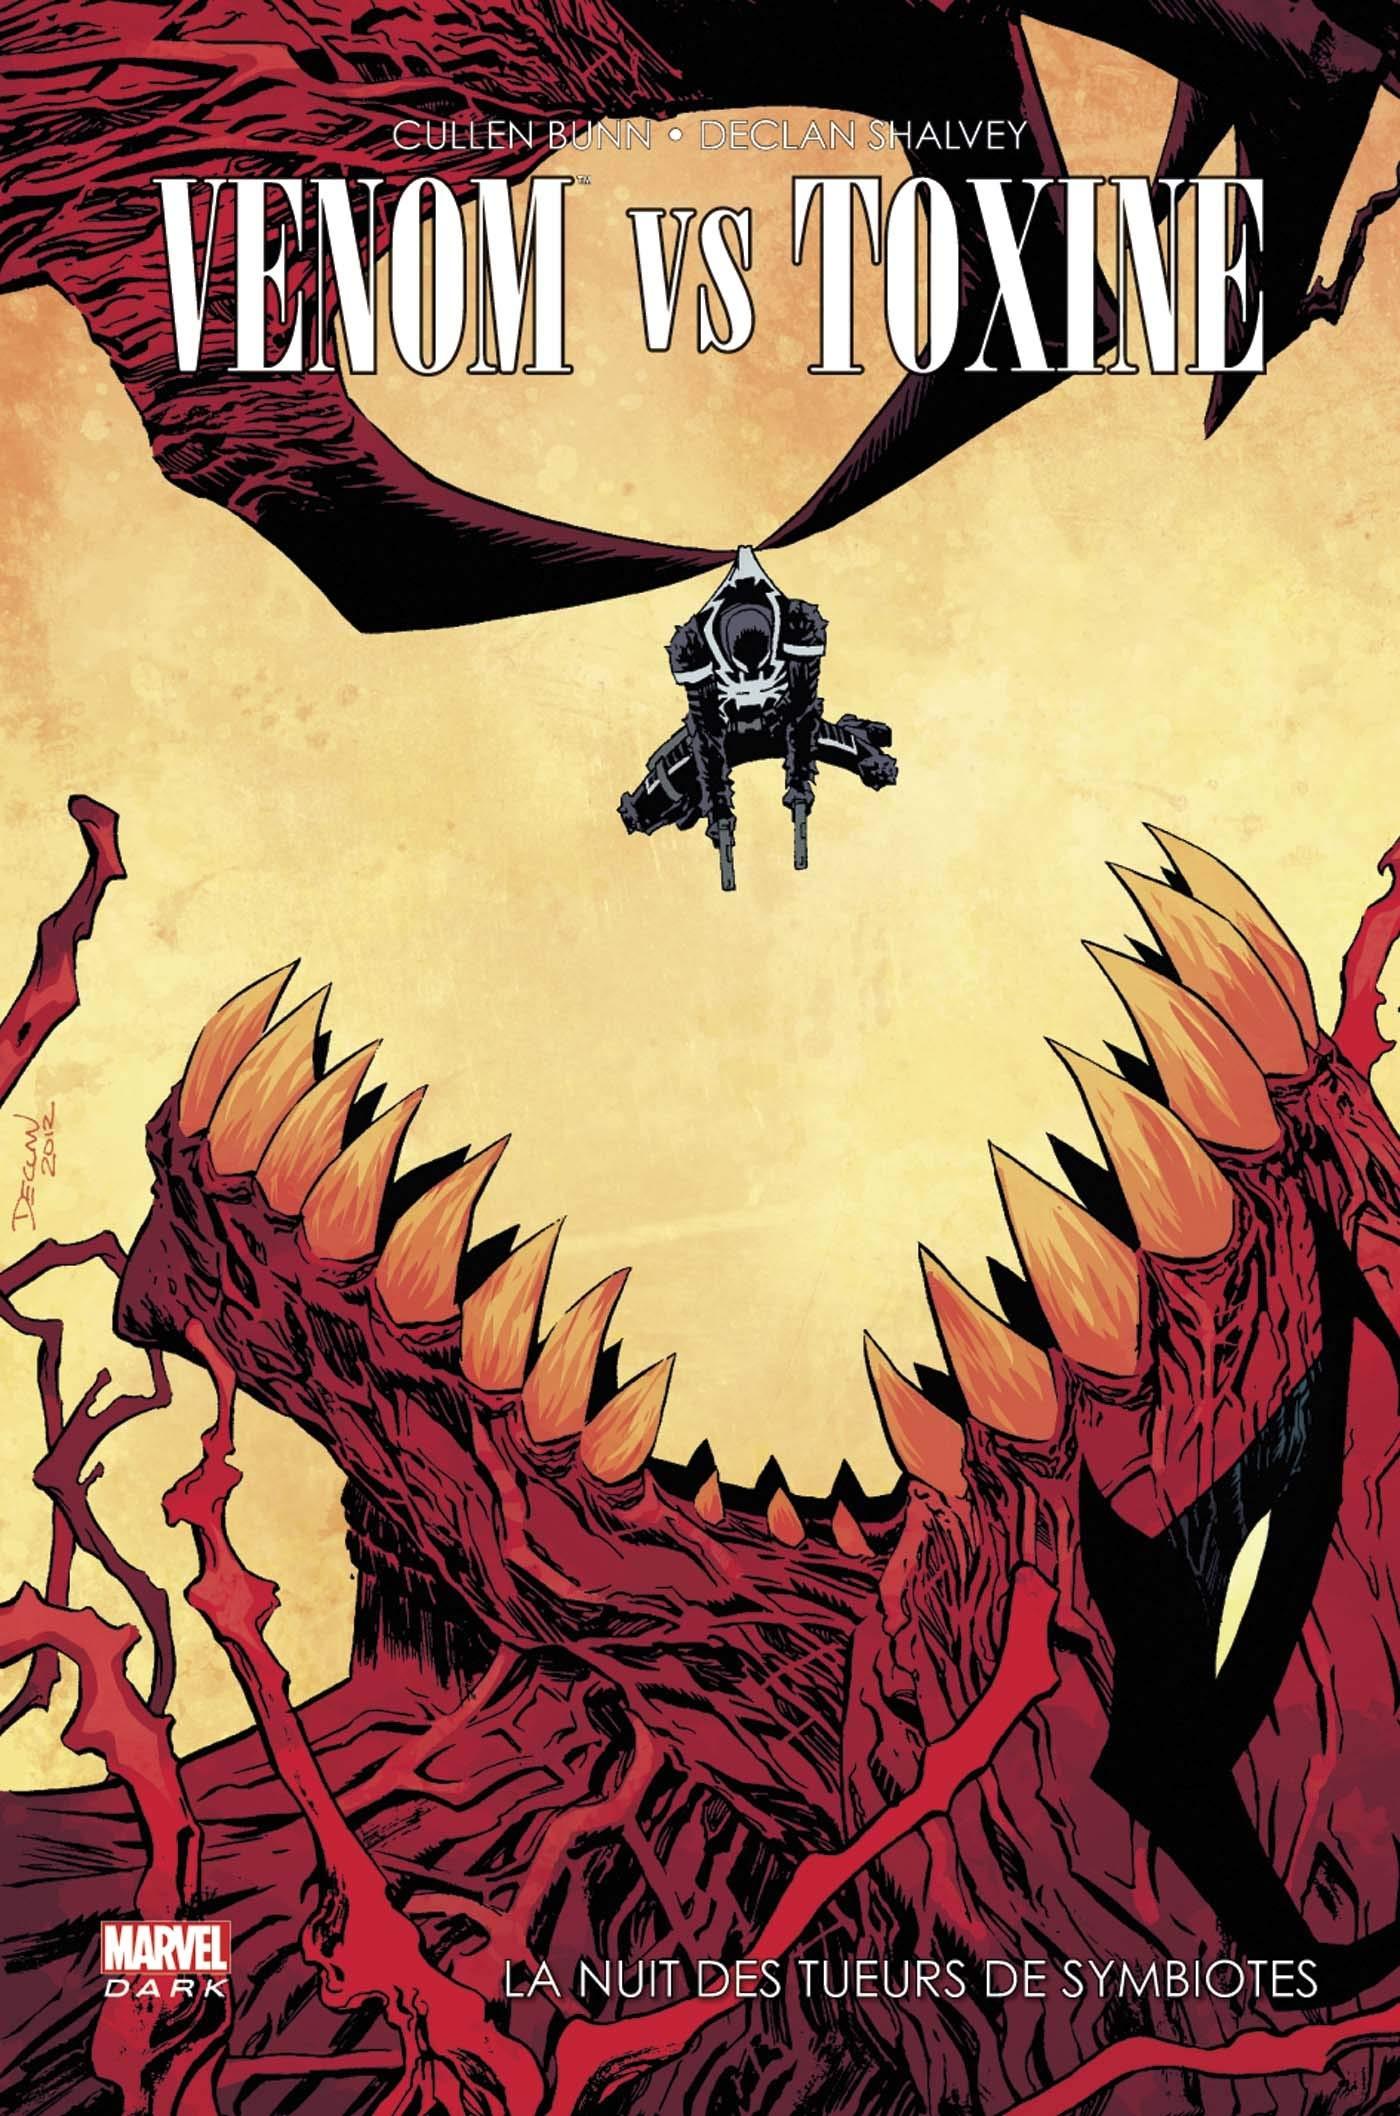 Venom - Venom vs Toxin